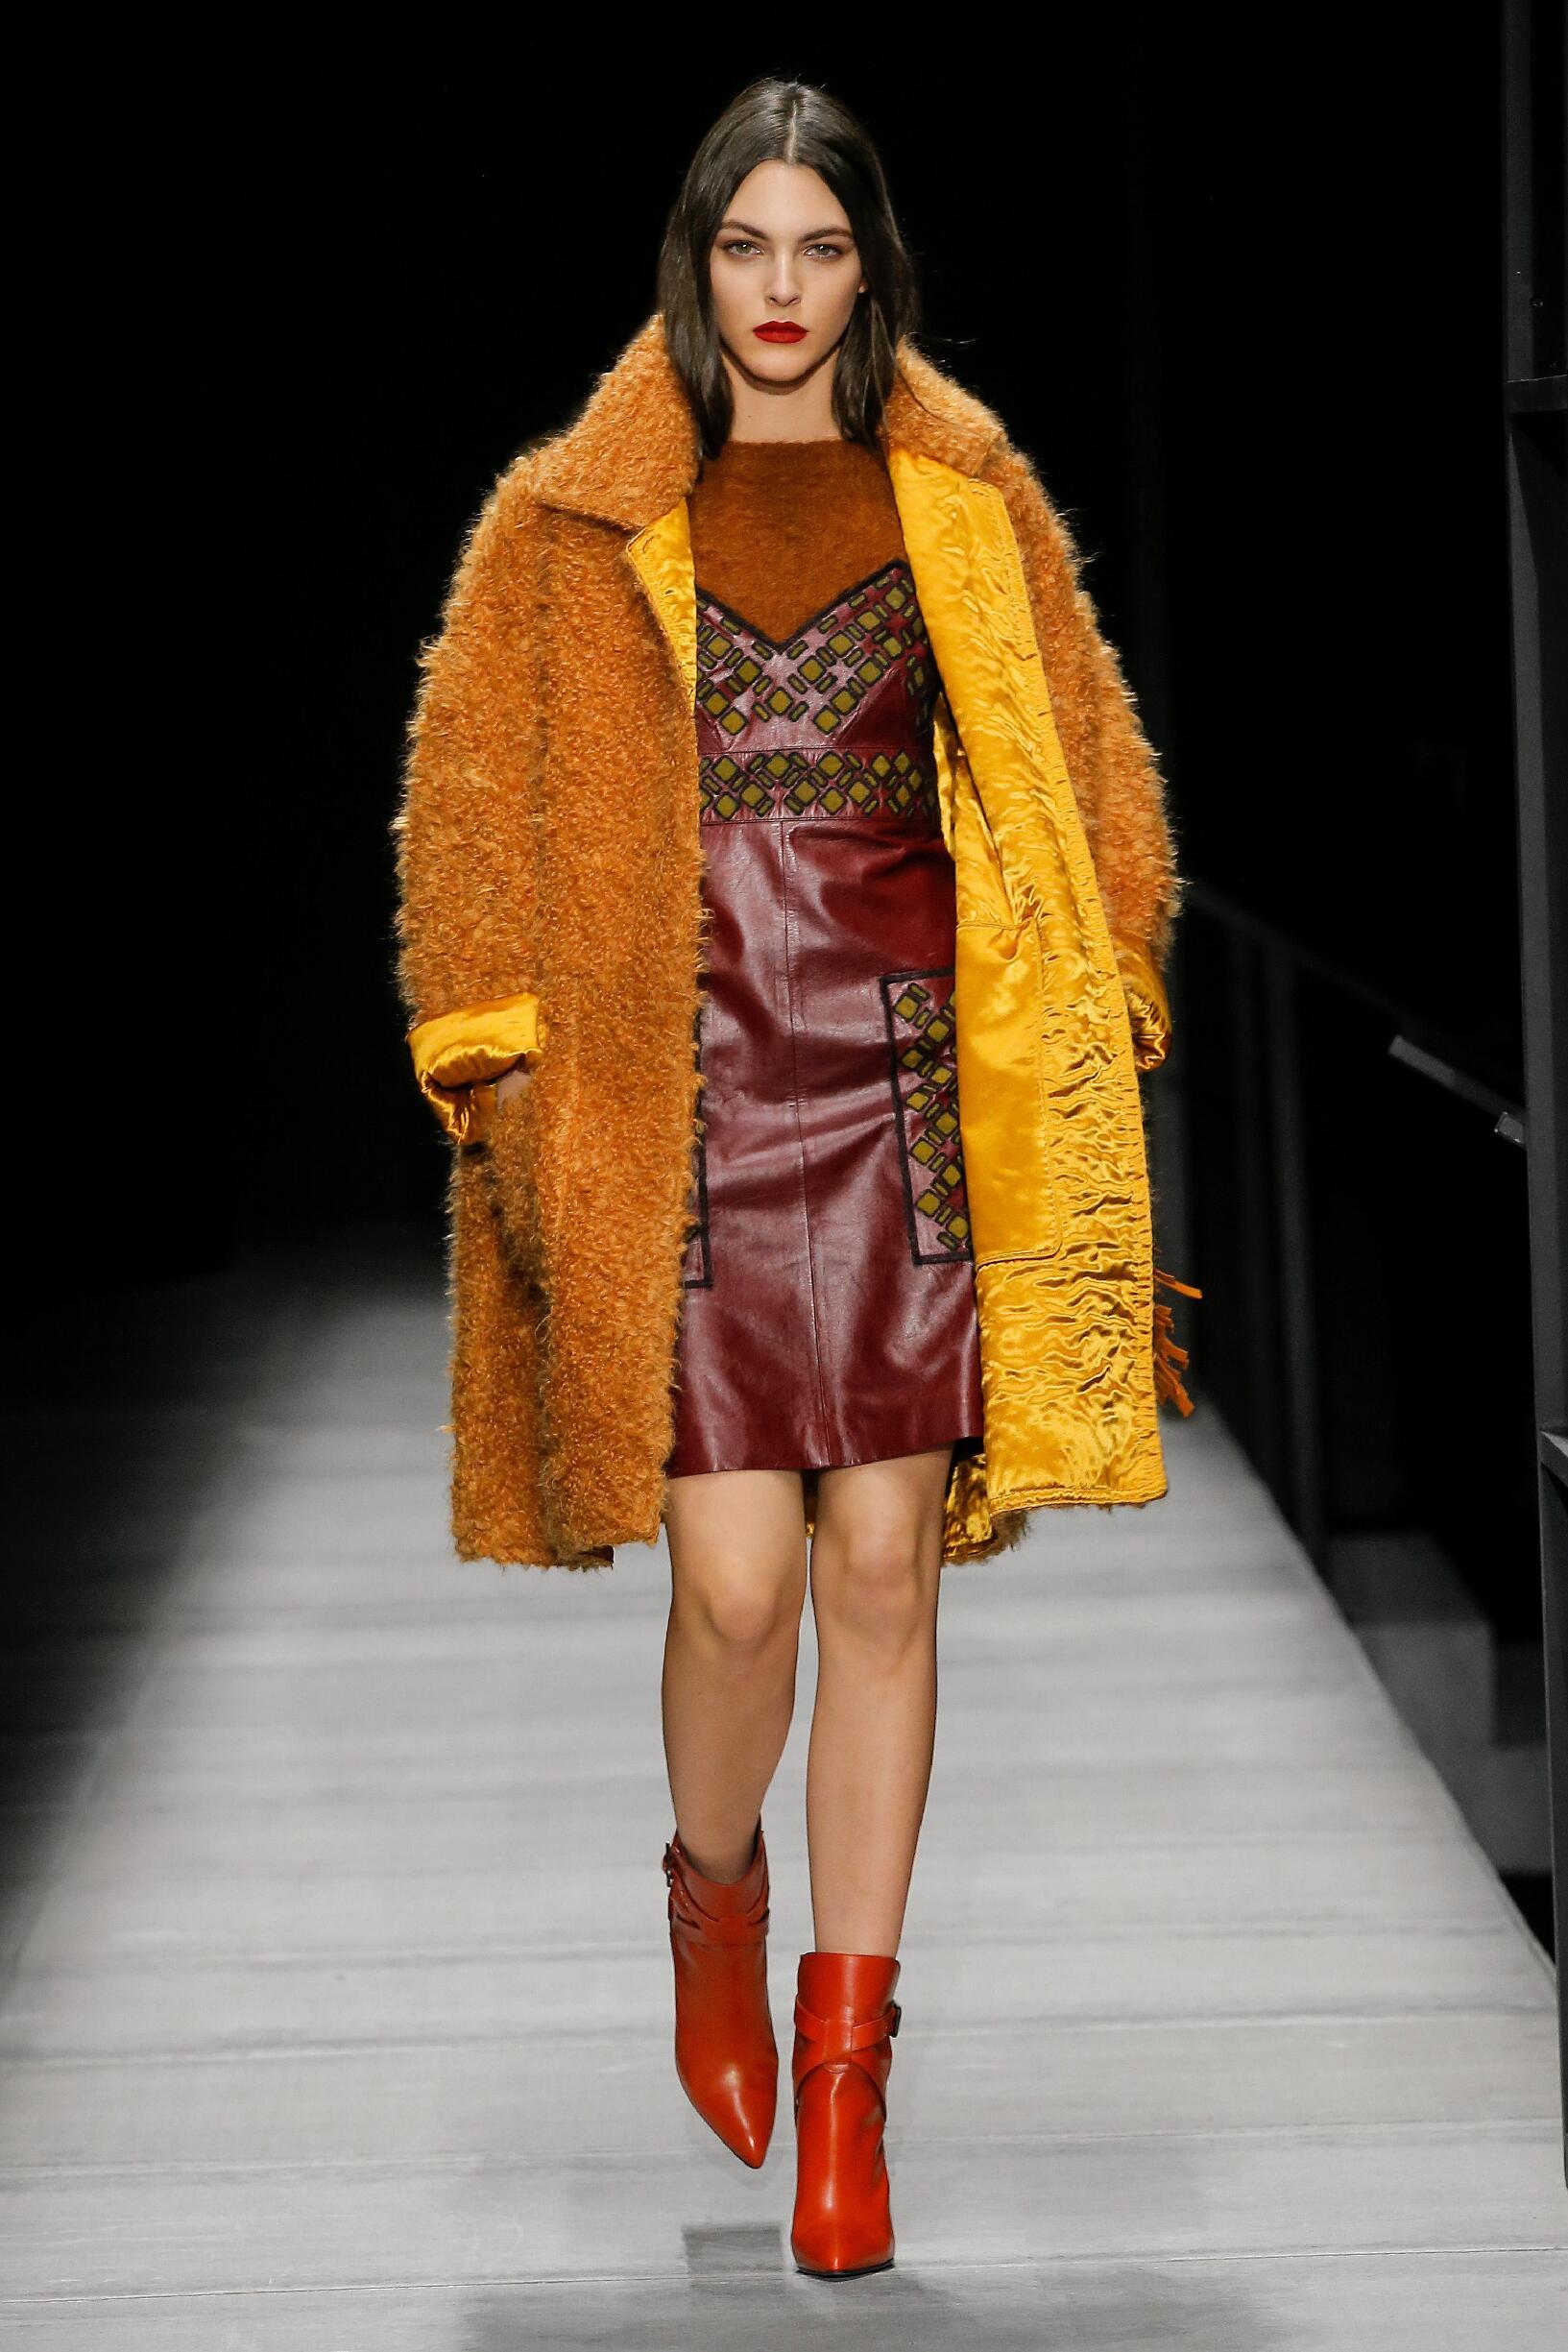 Bottega Veneta Woman Catwalk